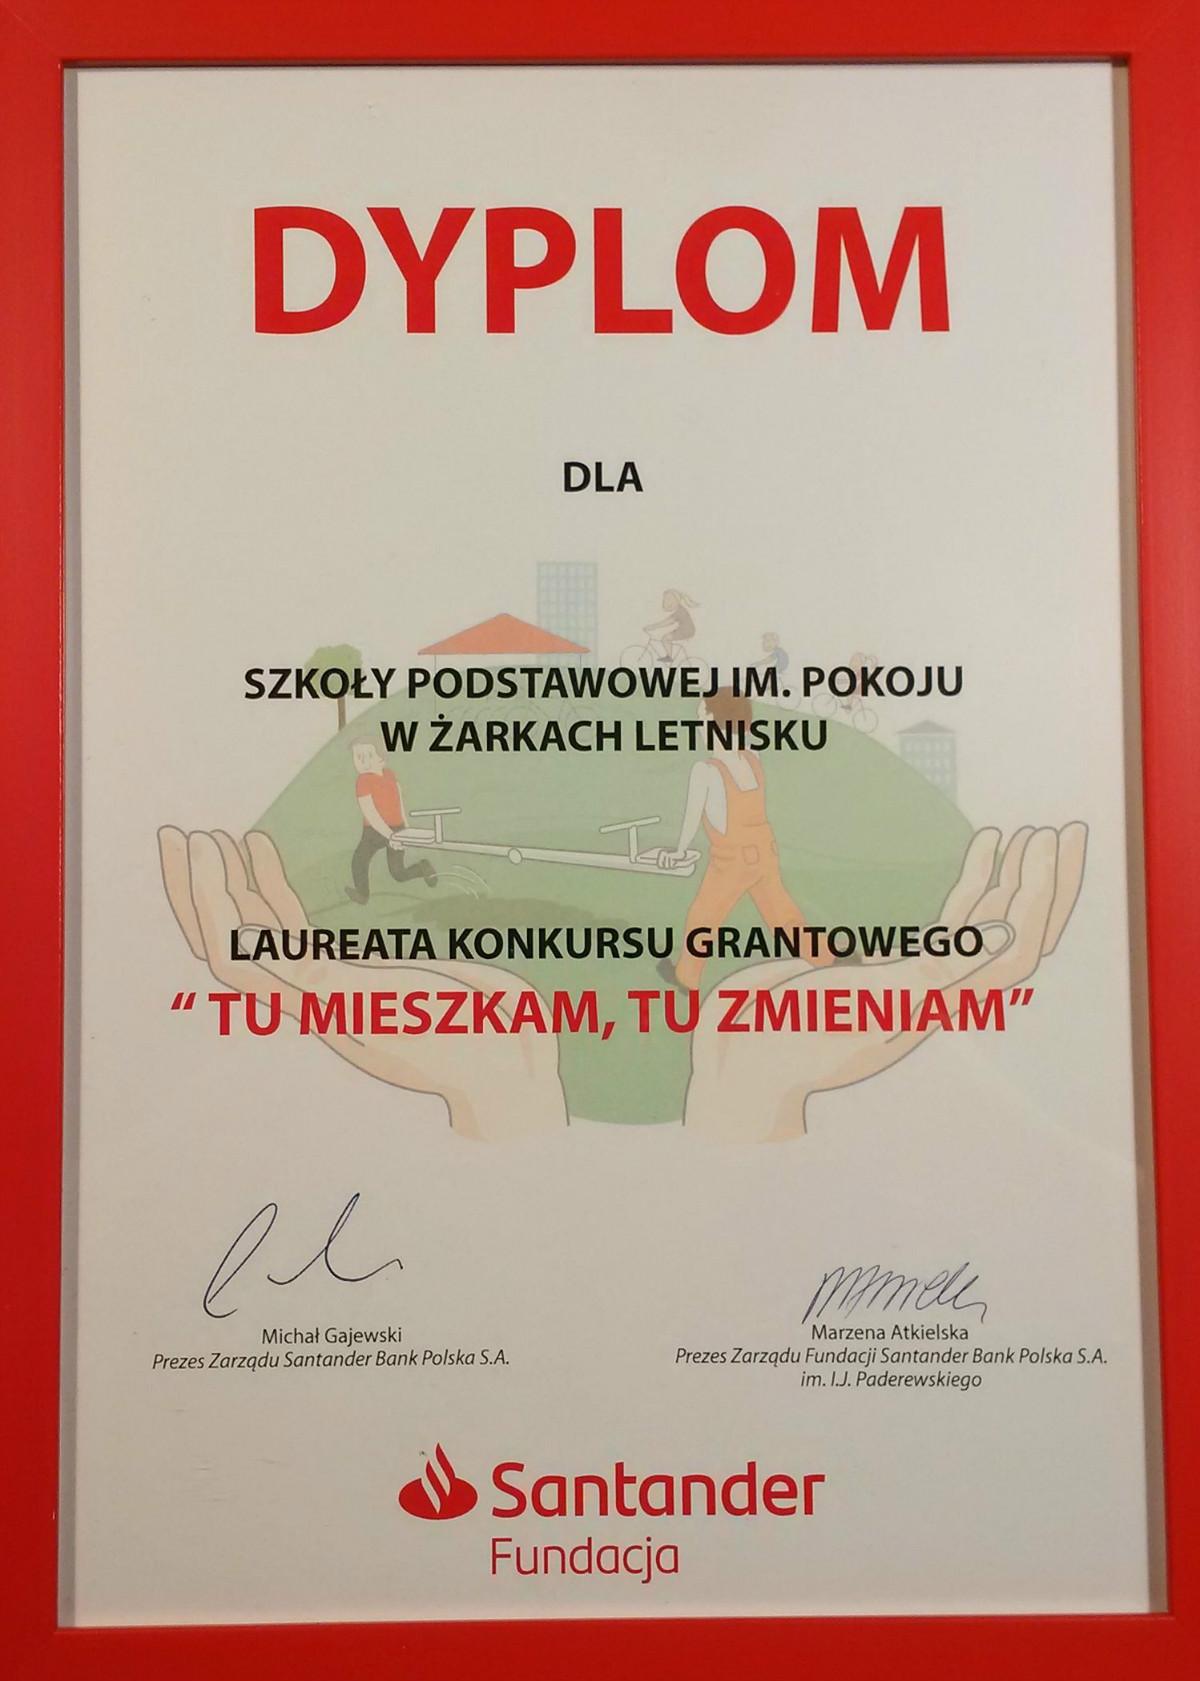 Szkoła Podstawowa w Żarkach Letnisku laureatem konkursu grantowego